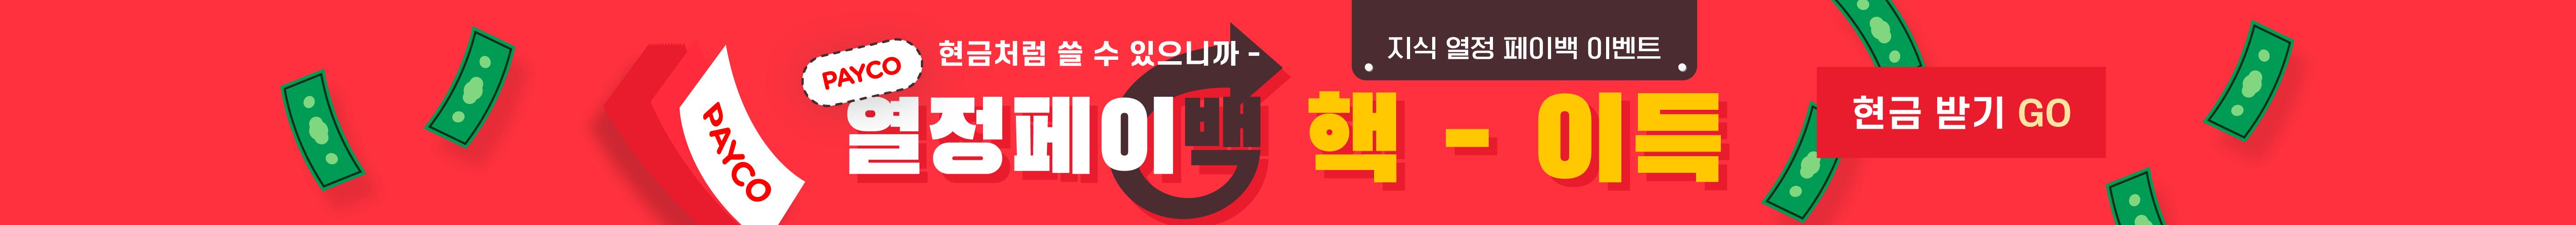 열공모드 ON! : 지식 열정 페이백 이벤트